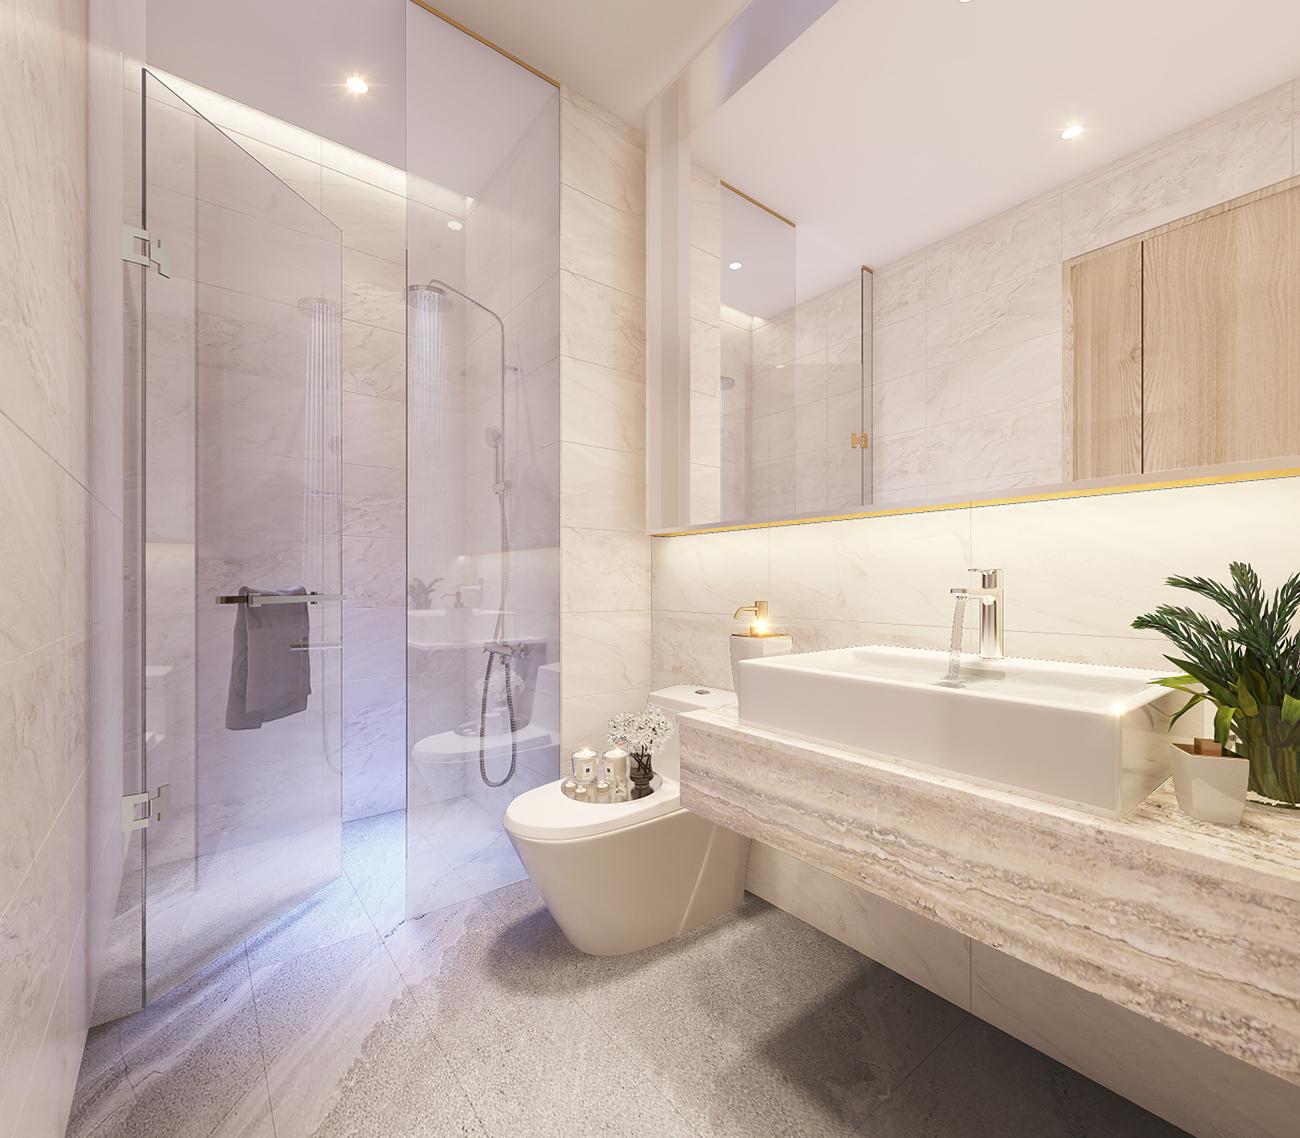 Nhà mẫu dự án căn hộ chung cư Thảo Điền Green Quận 2 đường Nguyễn Văn Hưởng